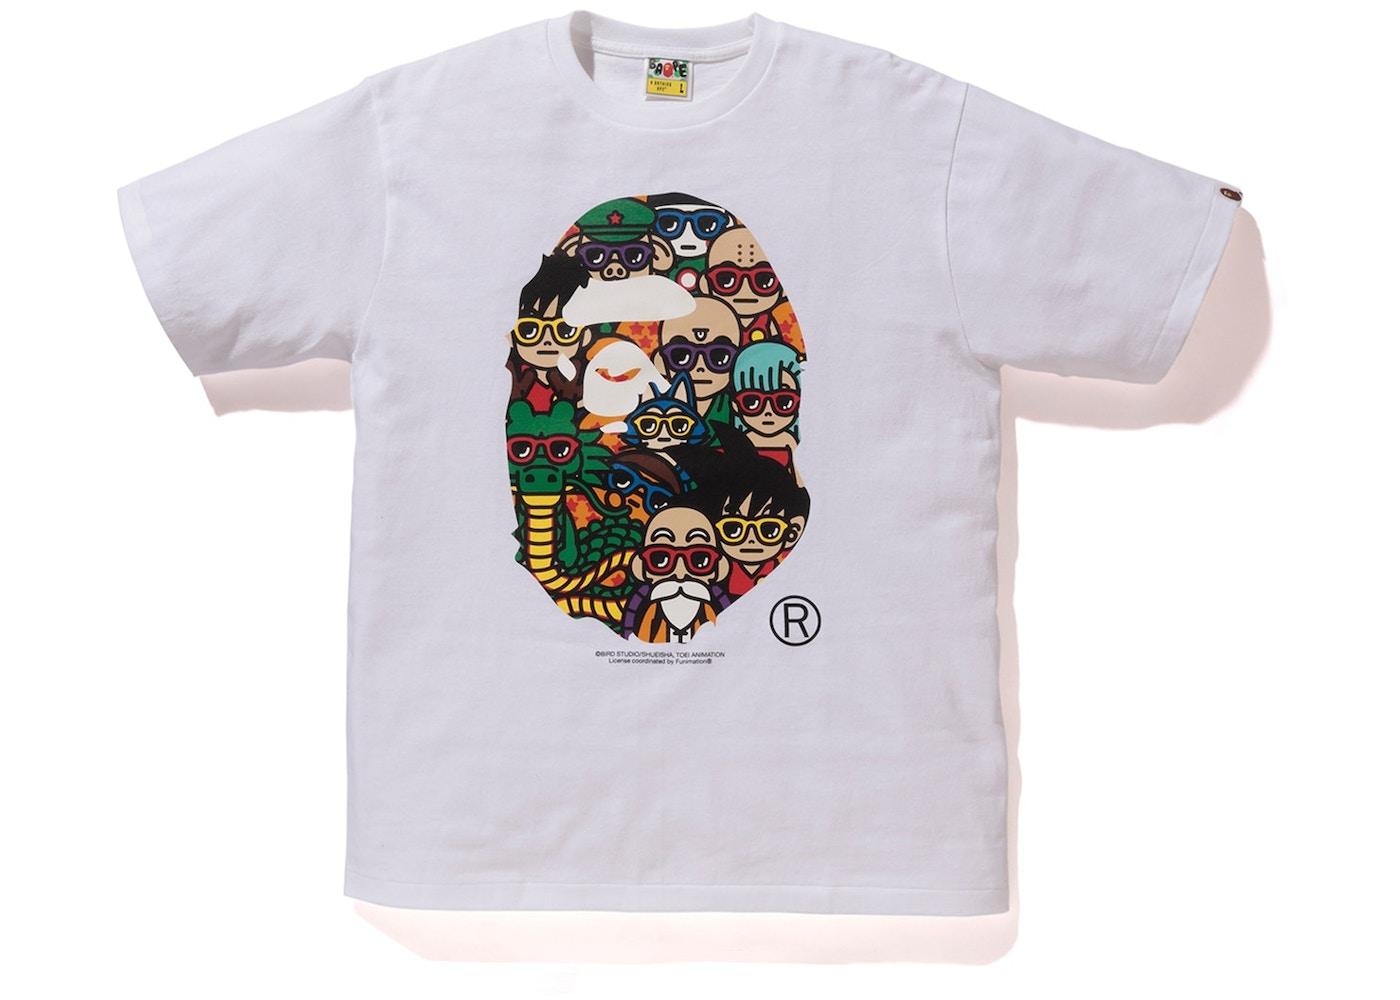 a470def2 Streetwear - Bape T-Shirts - Last Sale